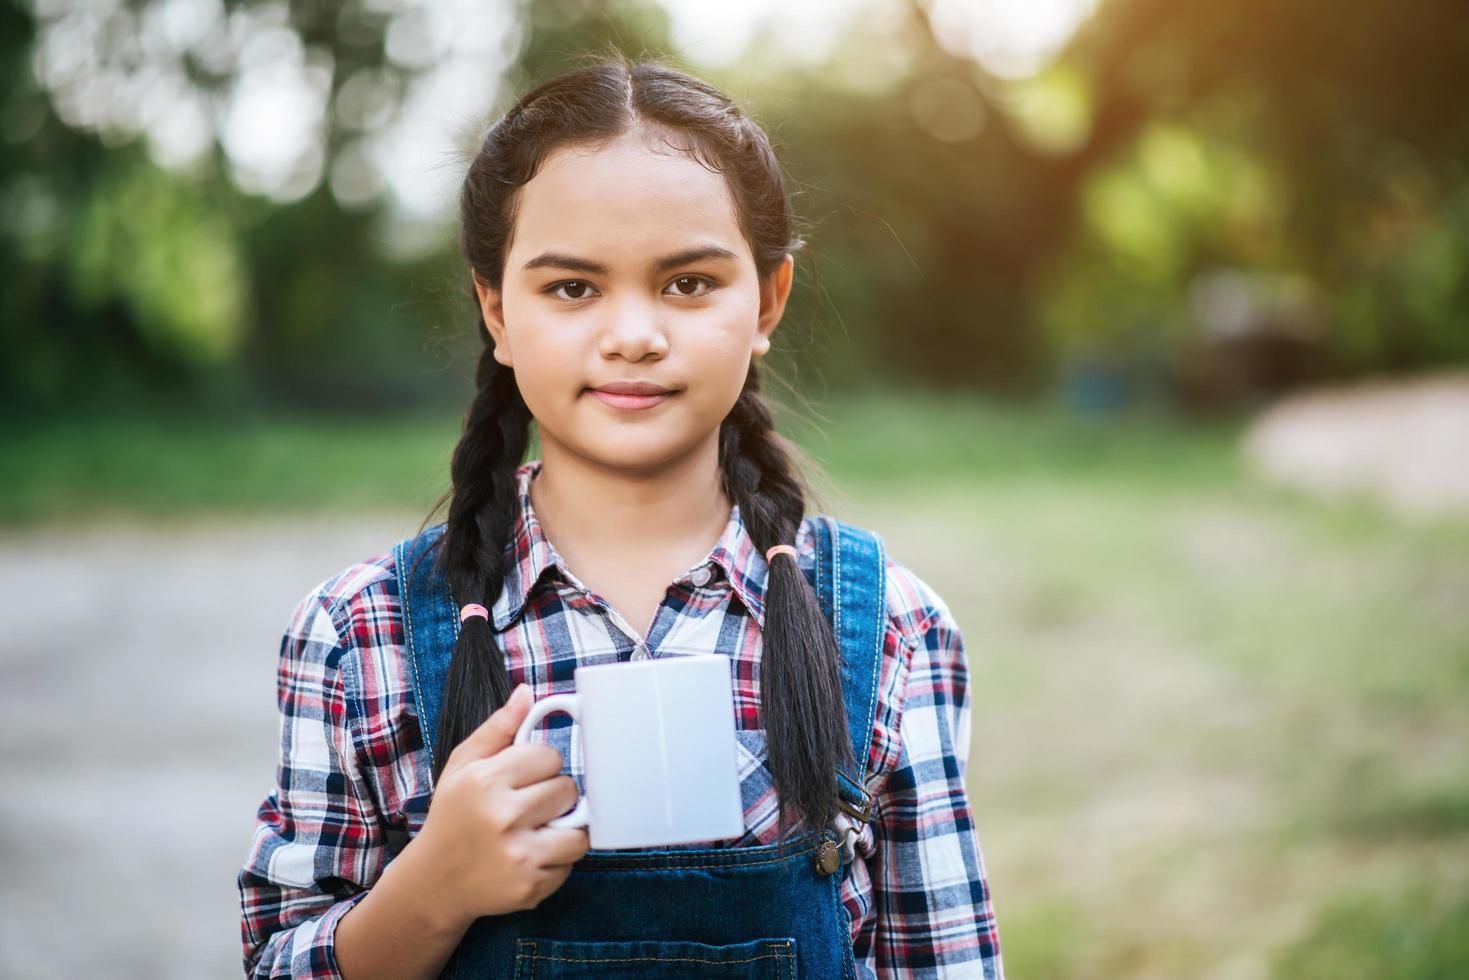 jeune fille tenant une tasse en céramique photo